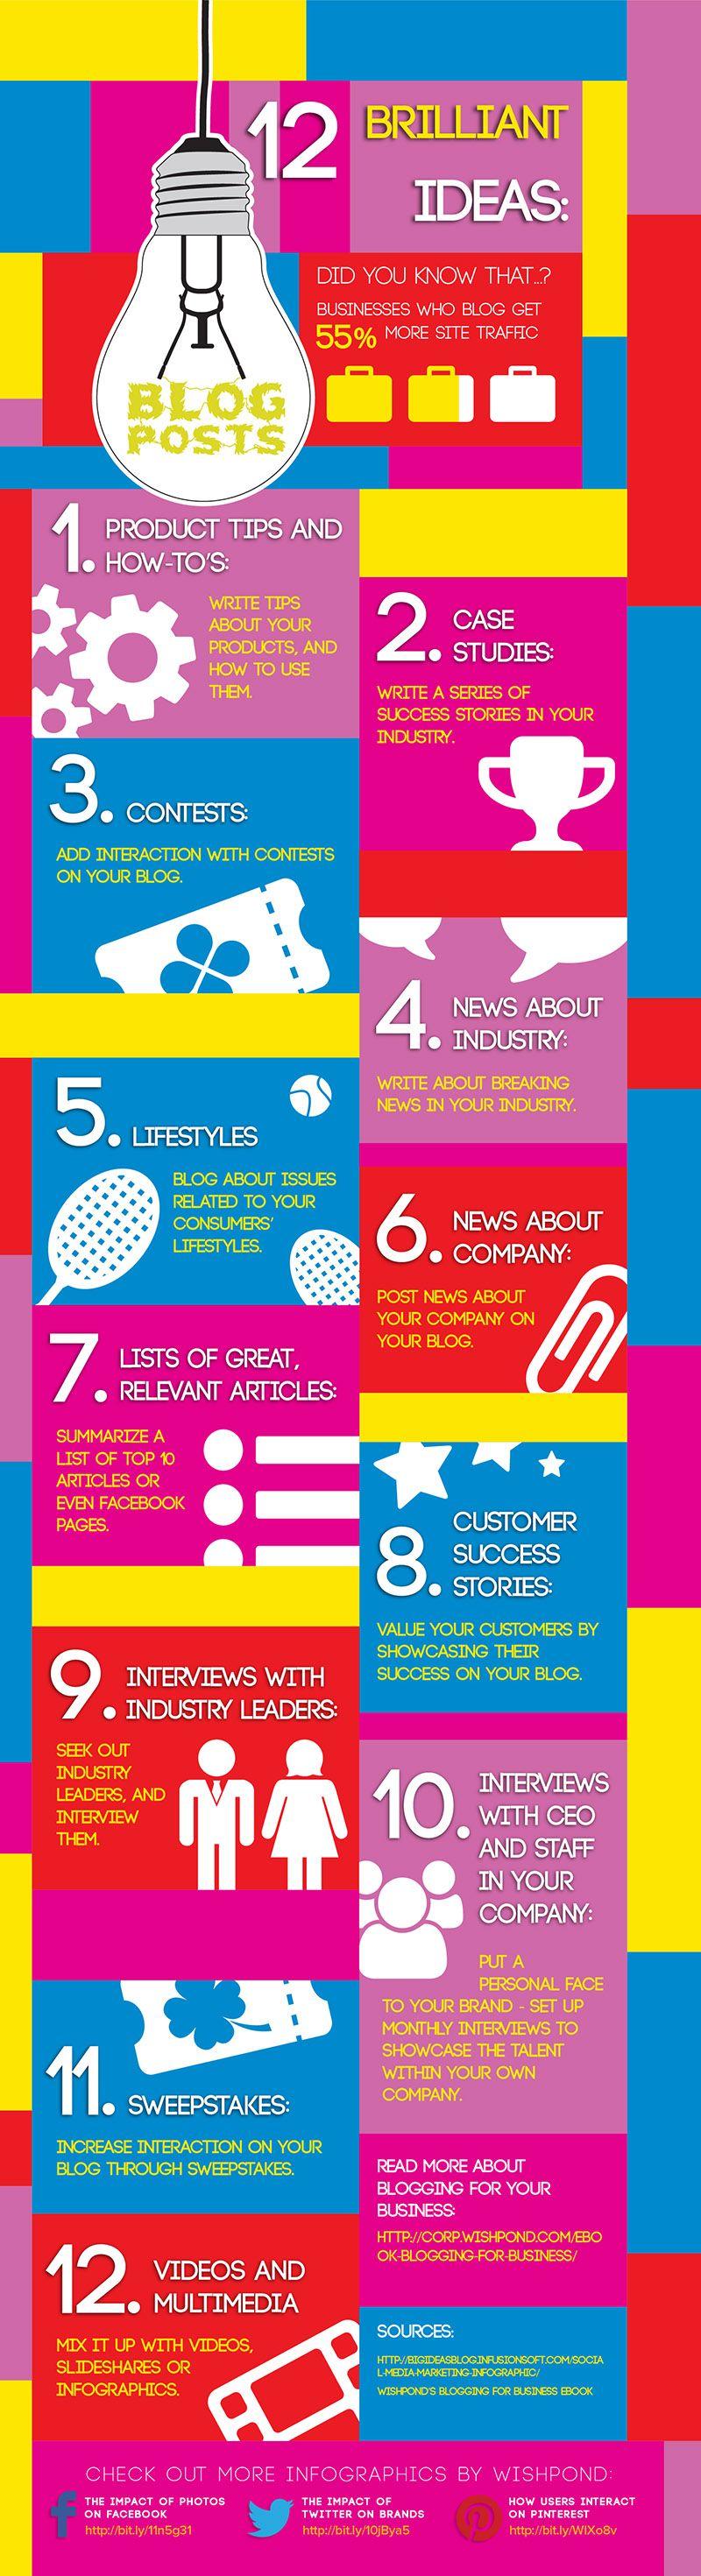 12 briljante ideeën voor het schrijven van blogartikelen [infographic]